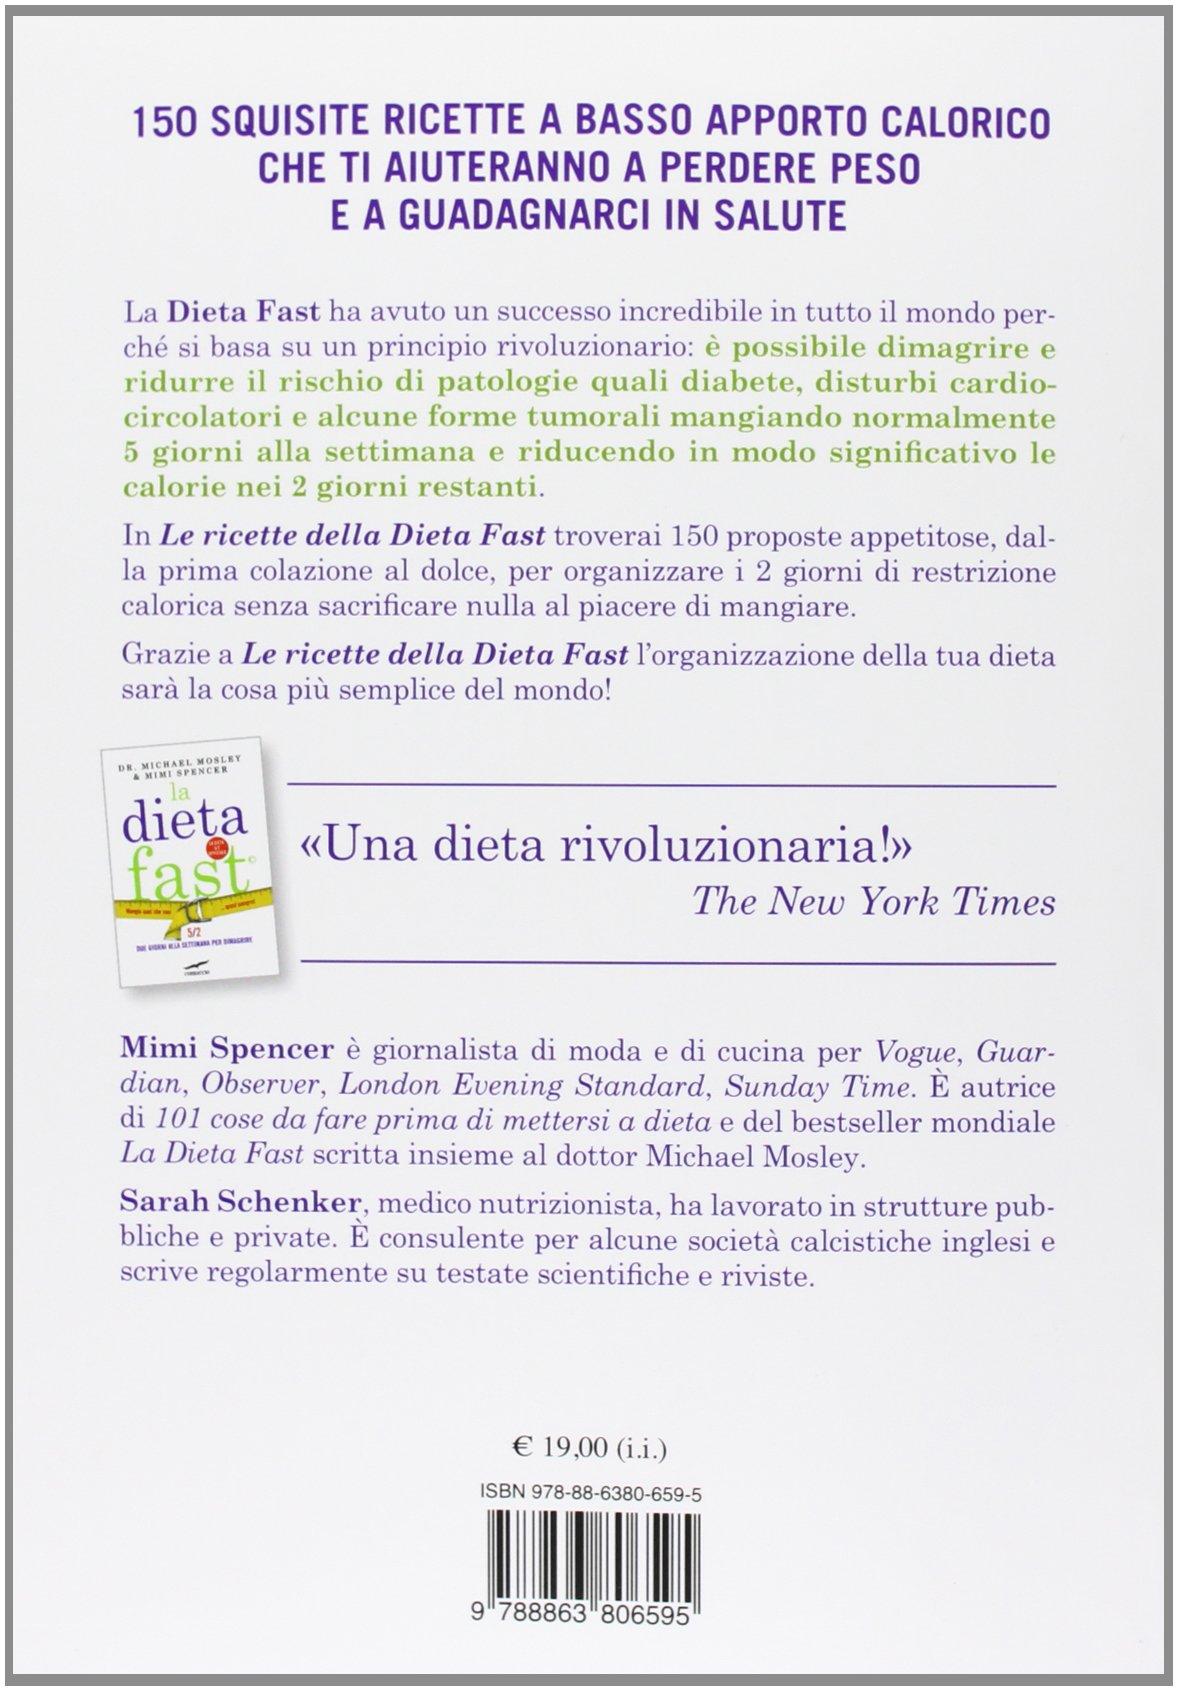 Le ricette della dieta fast pdf